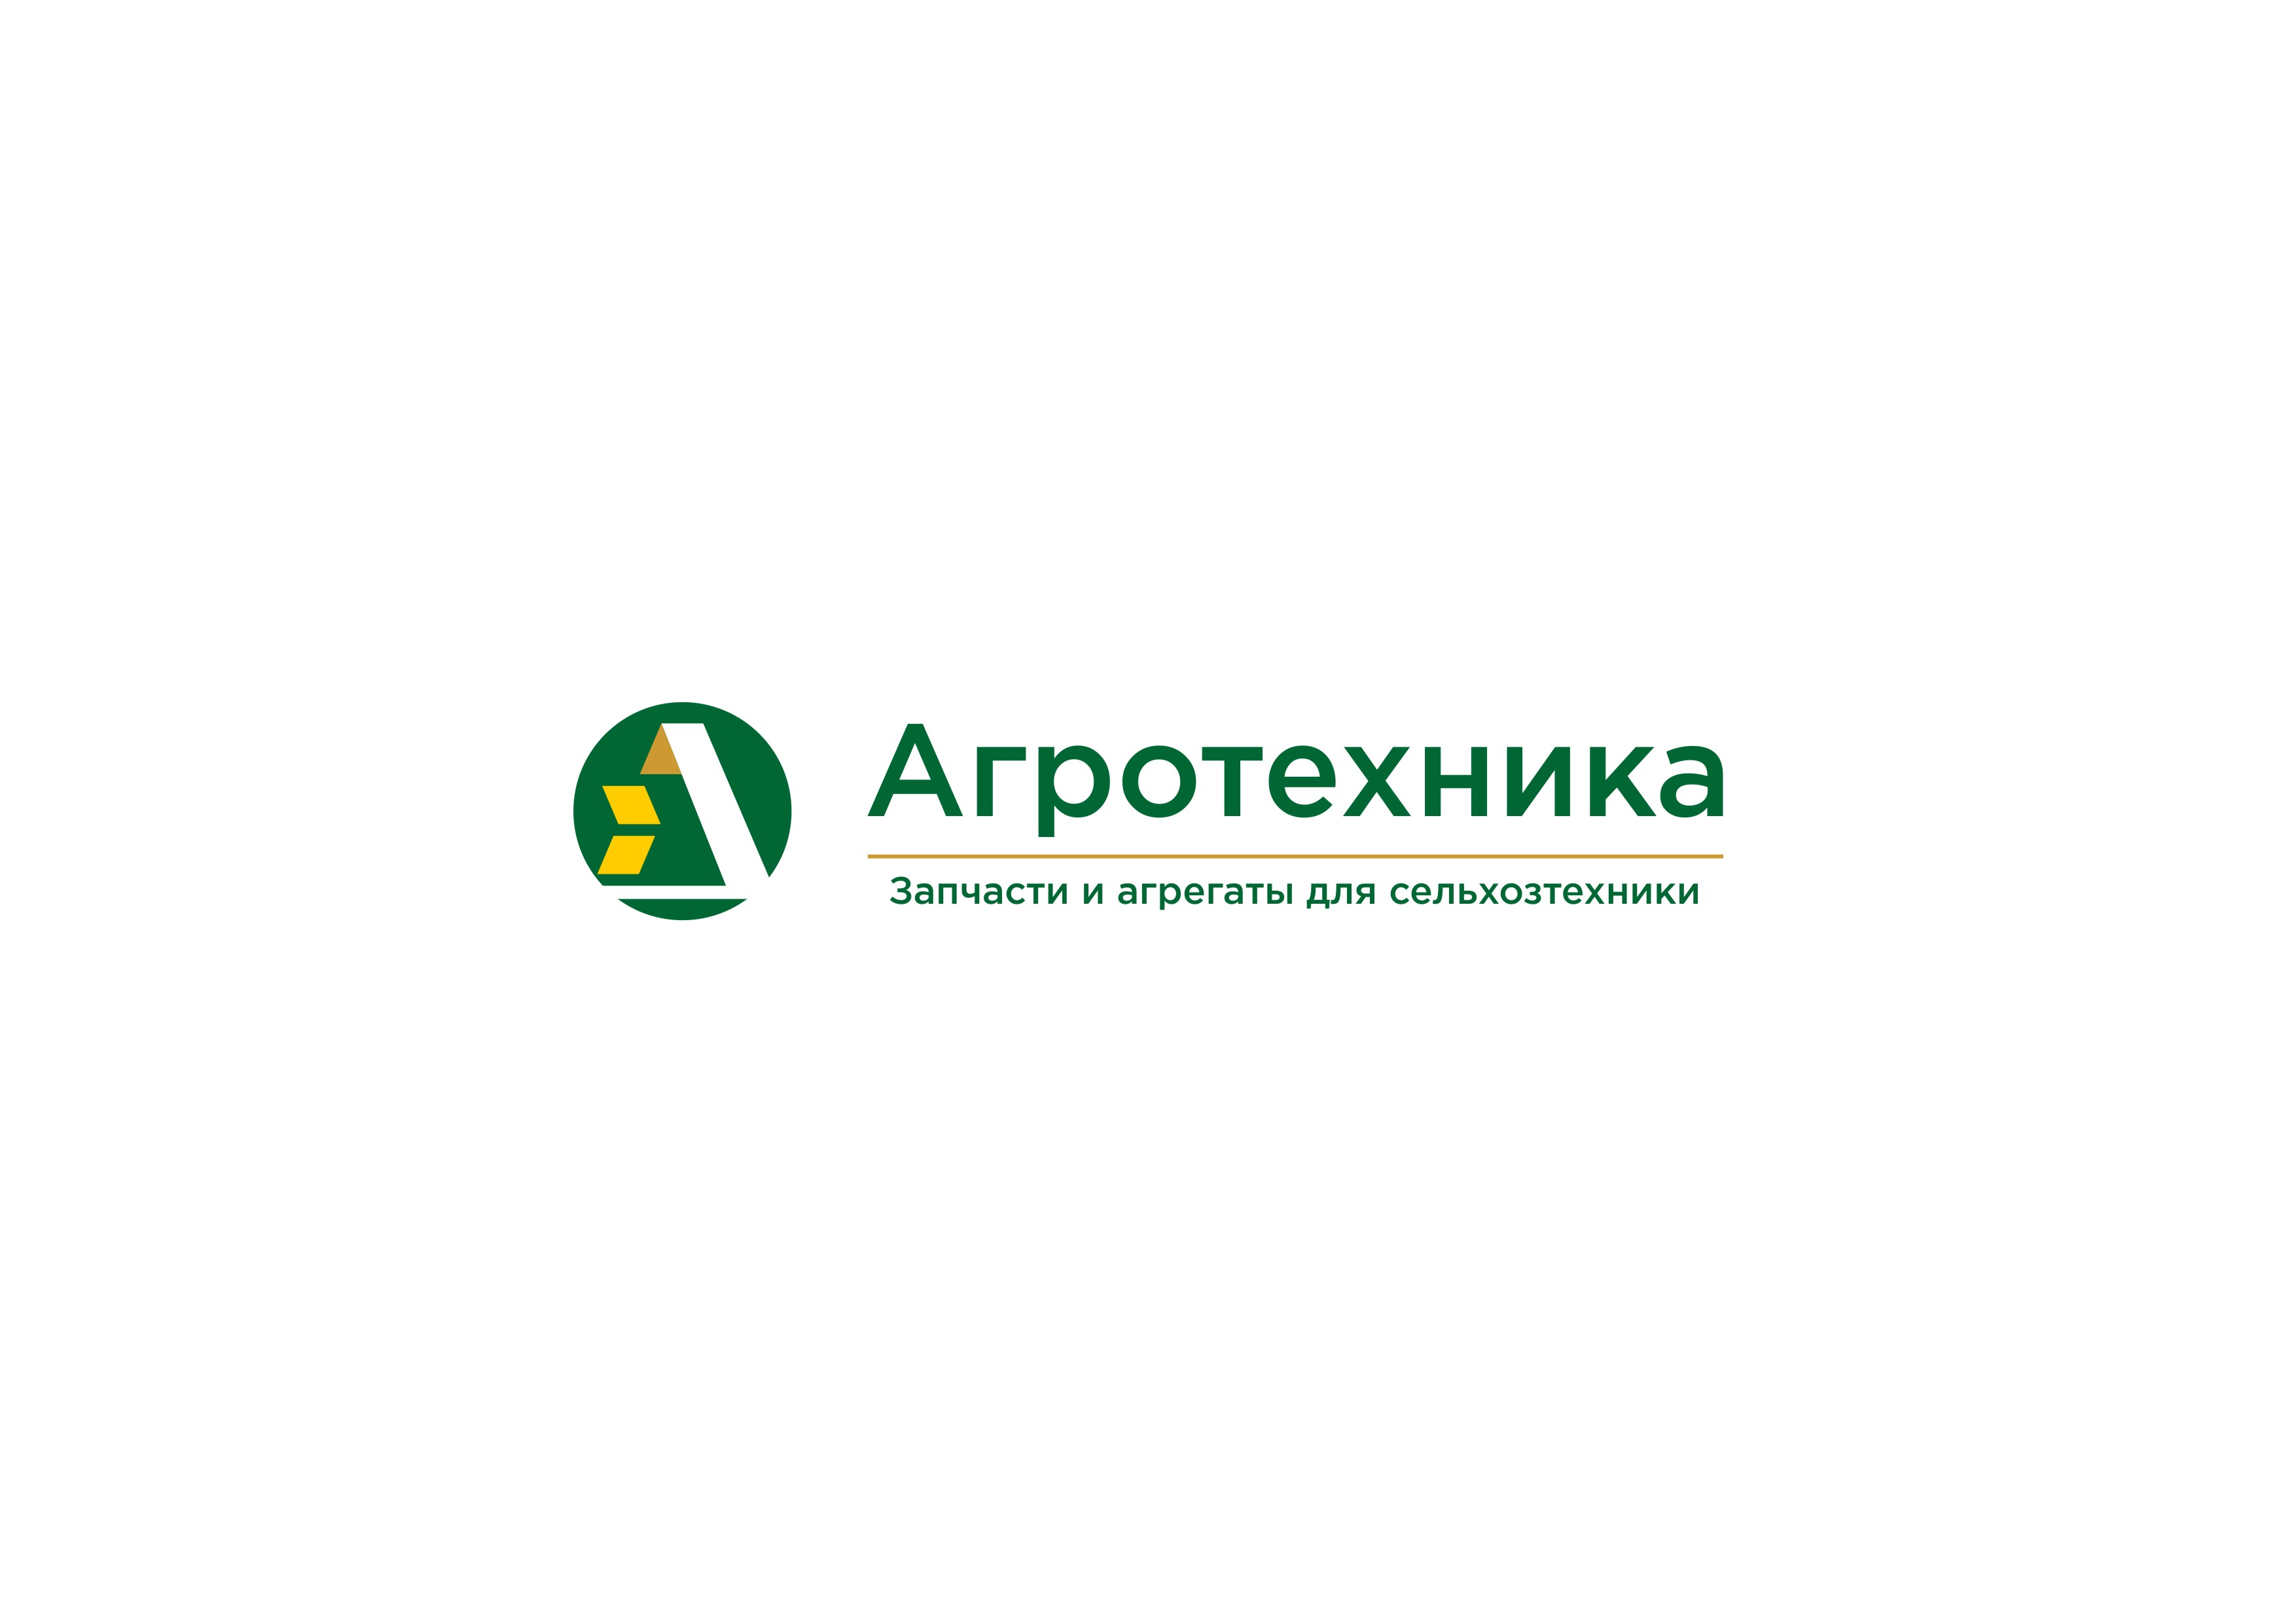 Разработка логотипа для компании Агротехника фото f_5535c0405f0224af.jpg